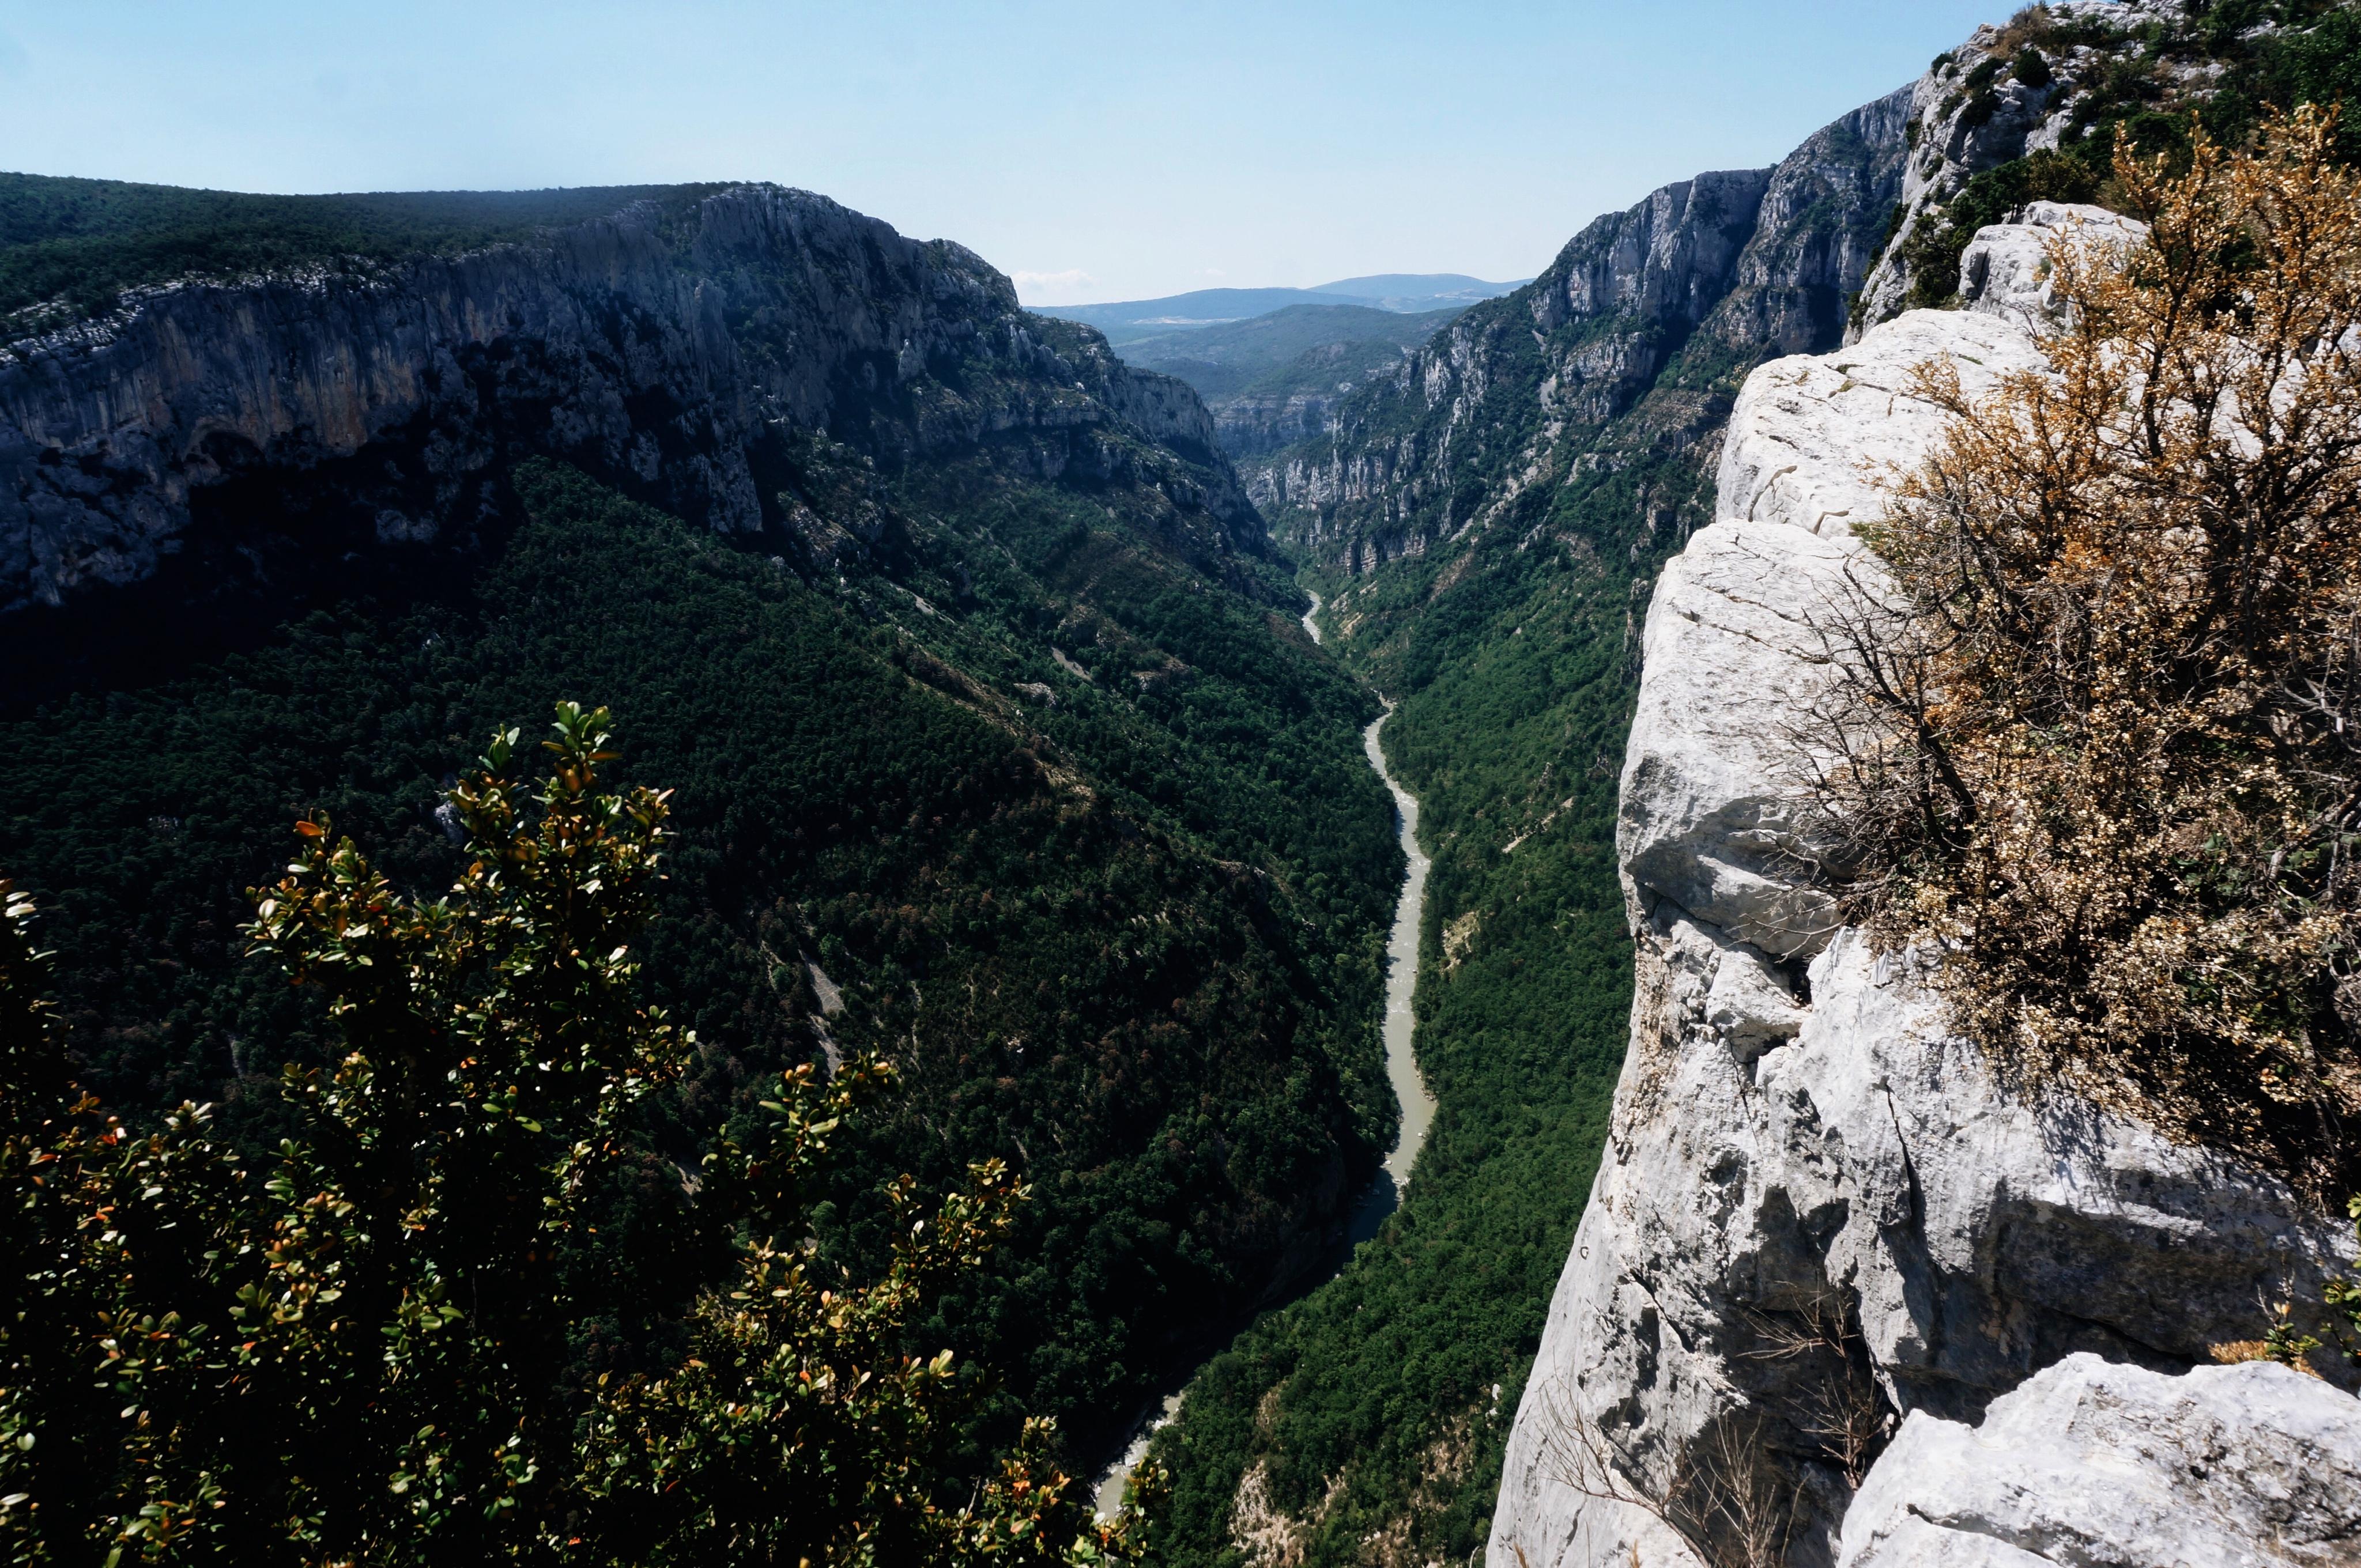 Frankreich, Schlucht, Autofahrt, Serpentinen, Berge, Ausflug